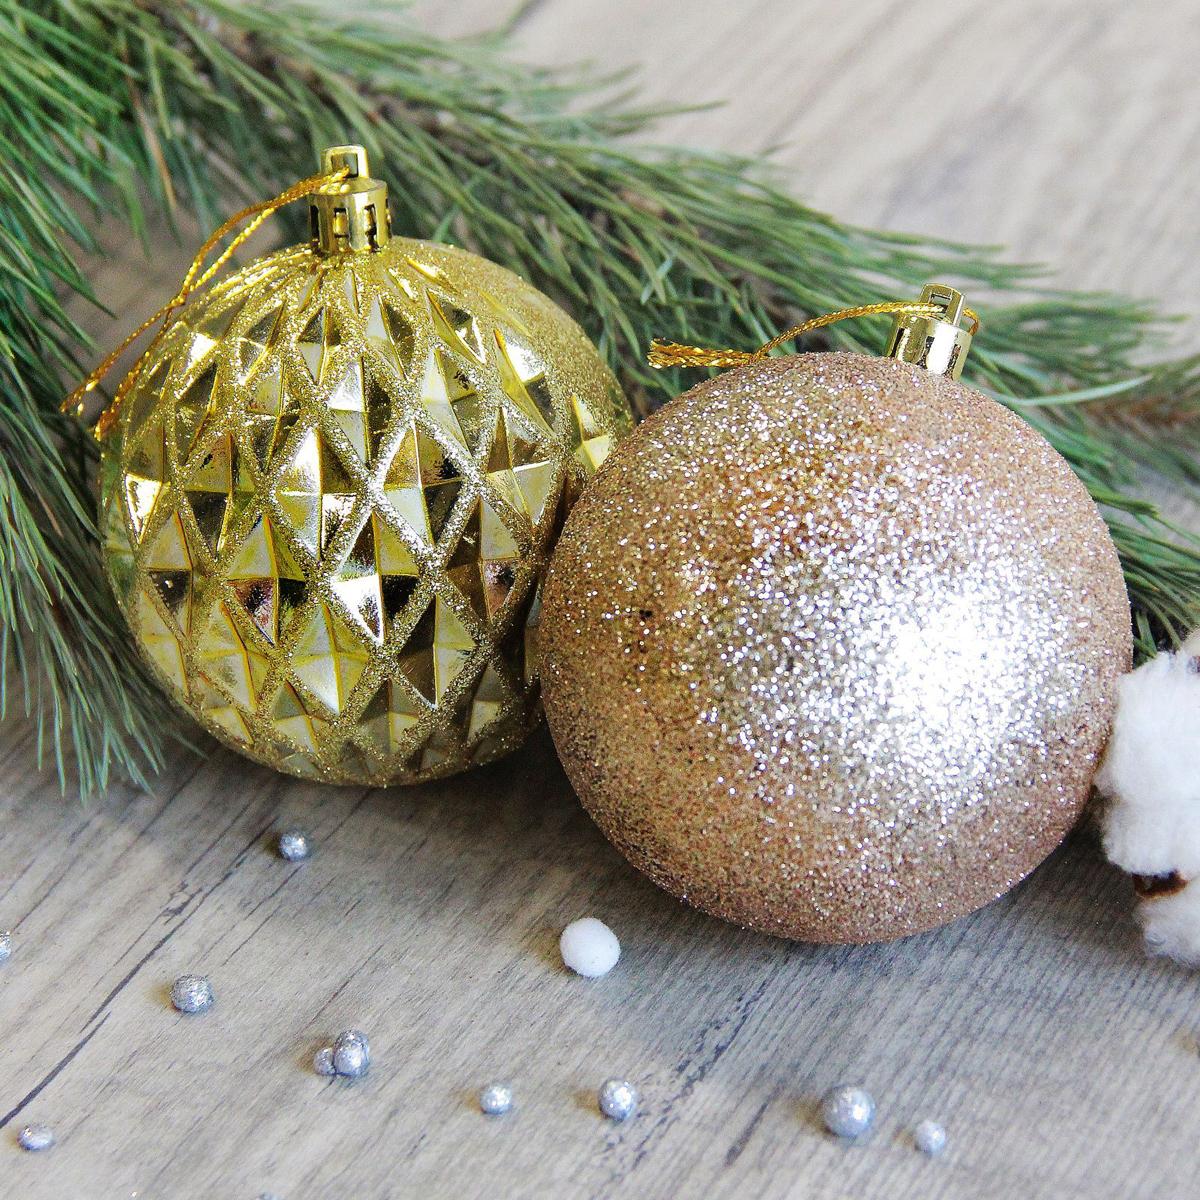 Набор новогодних подвесных украшений Sima-land Золотая посыпка, диаметр 7,5 см, 6 шт2371177Невозможно представить нашу жизнь без праздников! Мы всегда ждём их и предвкушаем, обдумываем, как проведём памятный день, тщательно выбираем подарки и аксессуары, ведь именно они создают и поддерживают торжественный настрой.